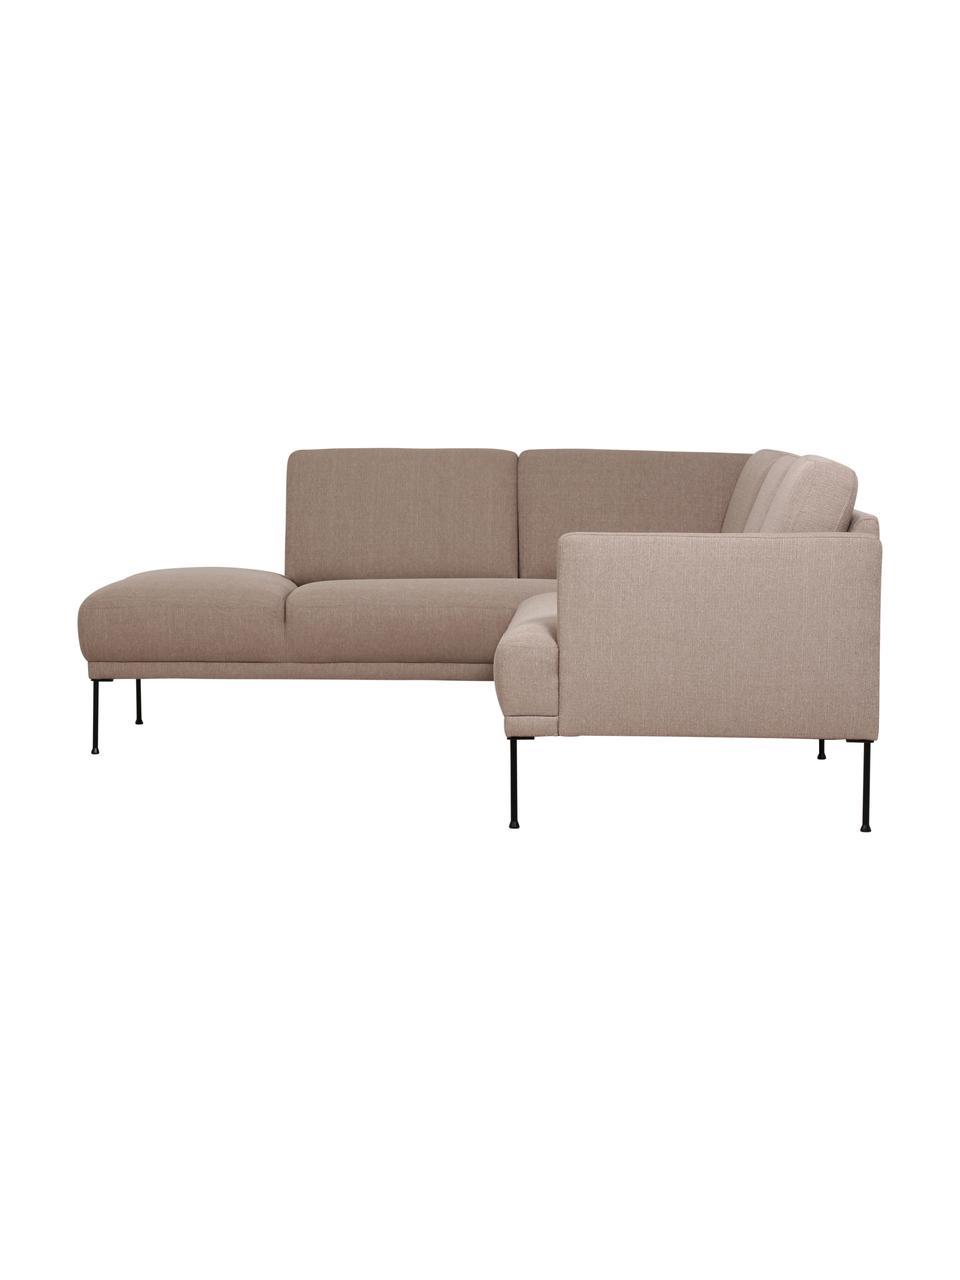 Canapé d'angle taupe avec pieds en métal Fluente, Taupe